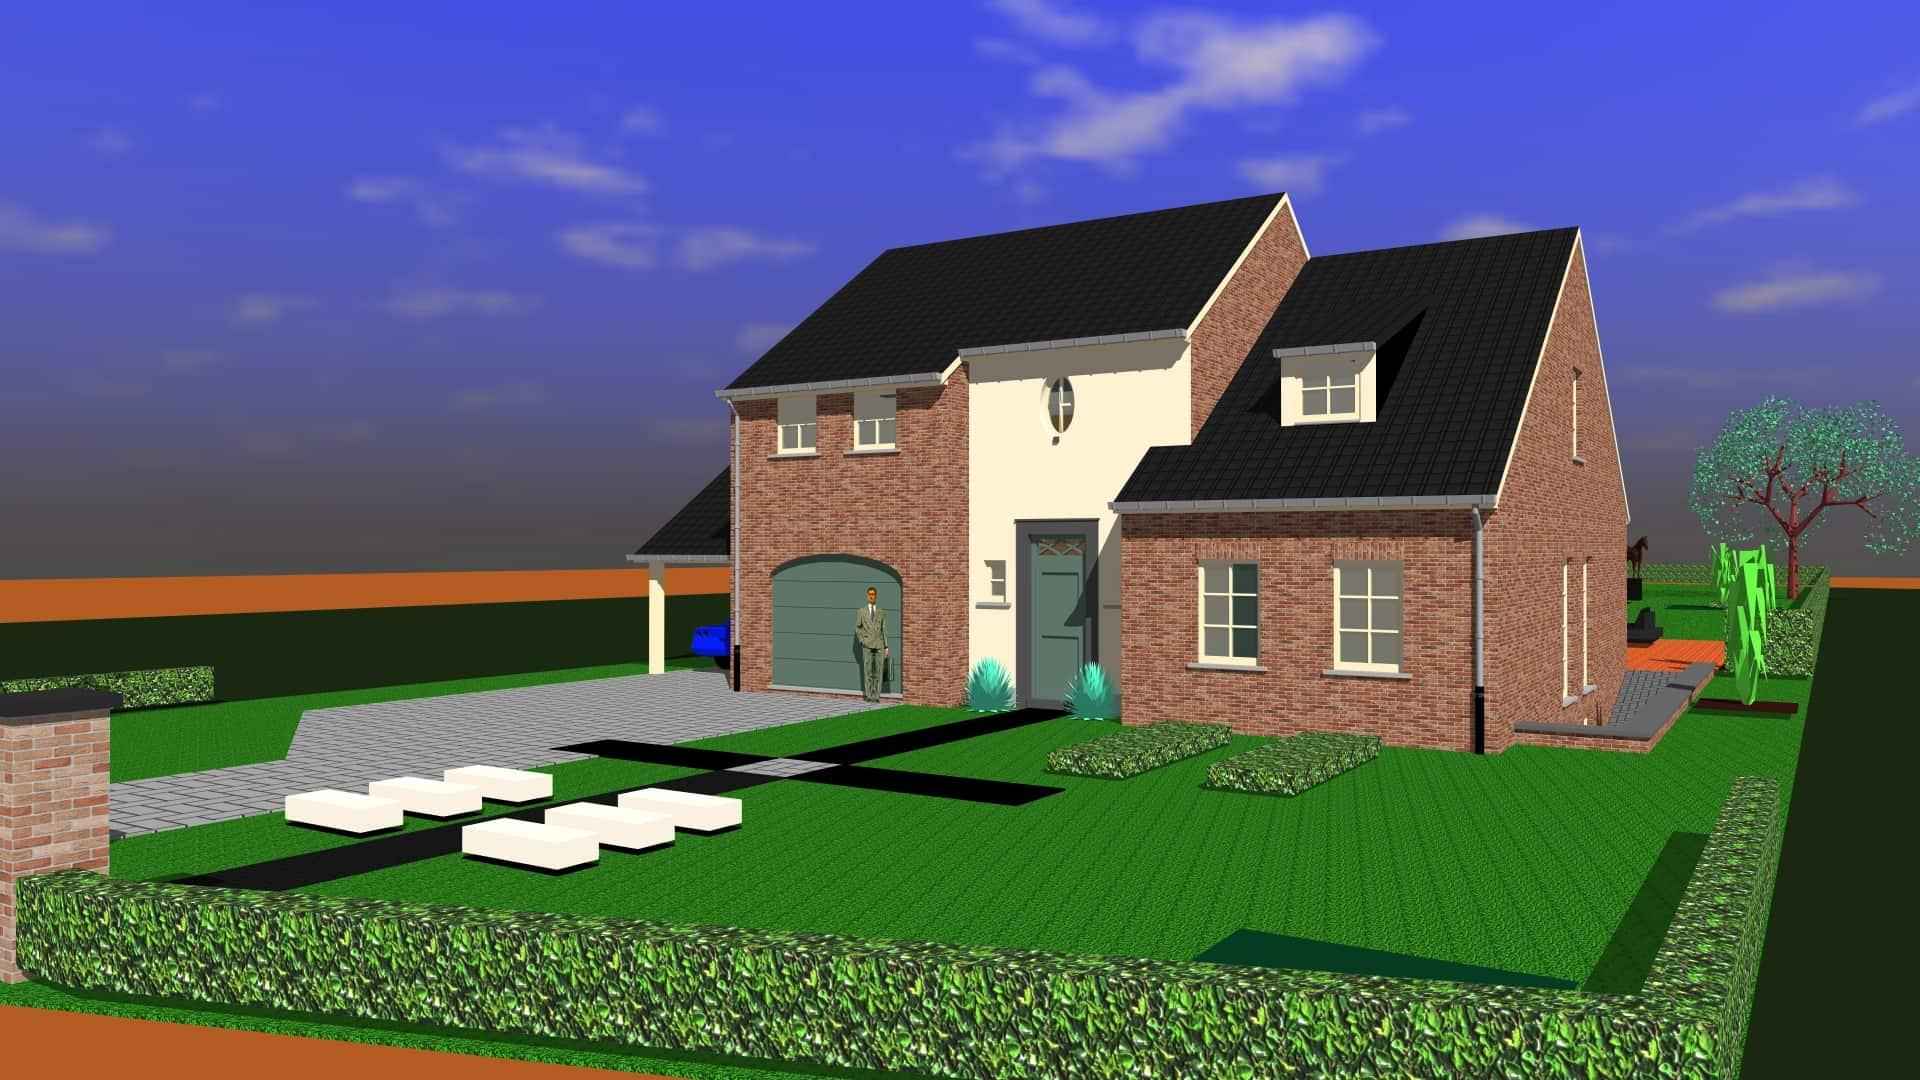 Detail afbeelding 6 van DM   –   Landelijke woning in Pastorij-stijl   –  Wiemismeer | Ontwerp door architect Patrick Strackx